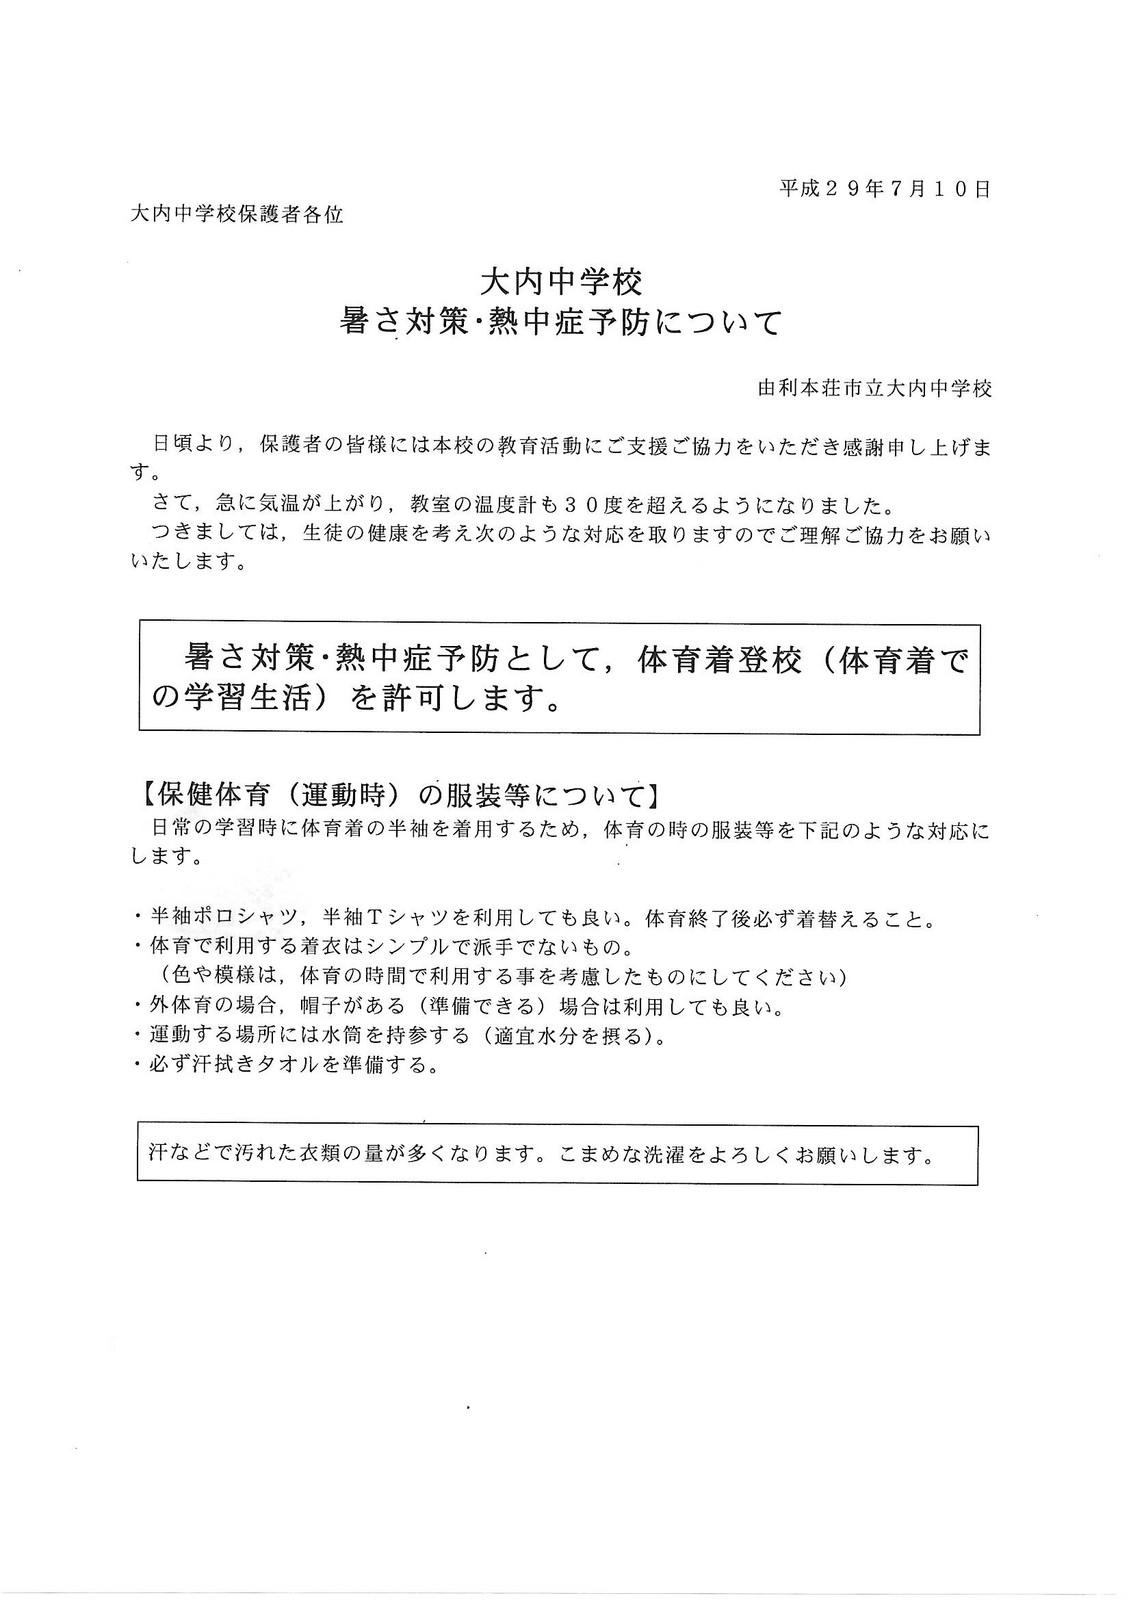 Epson_0044_1